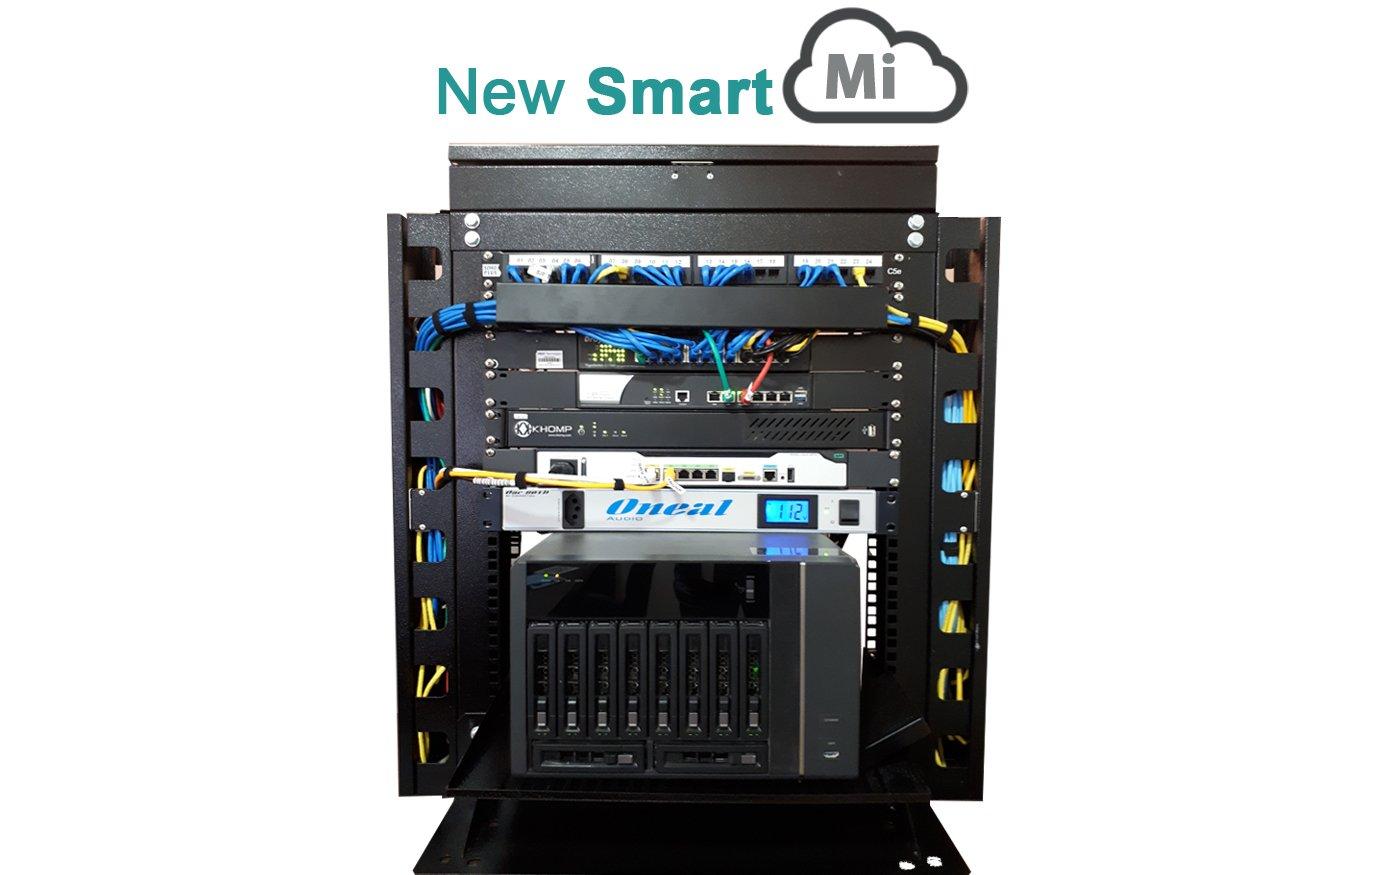 New Smart Cloud